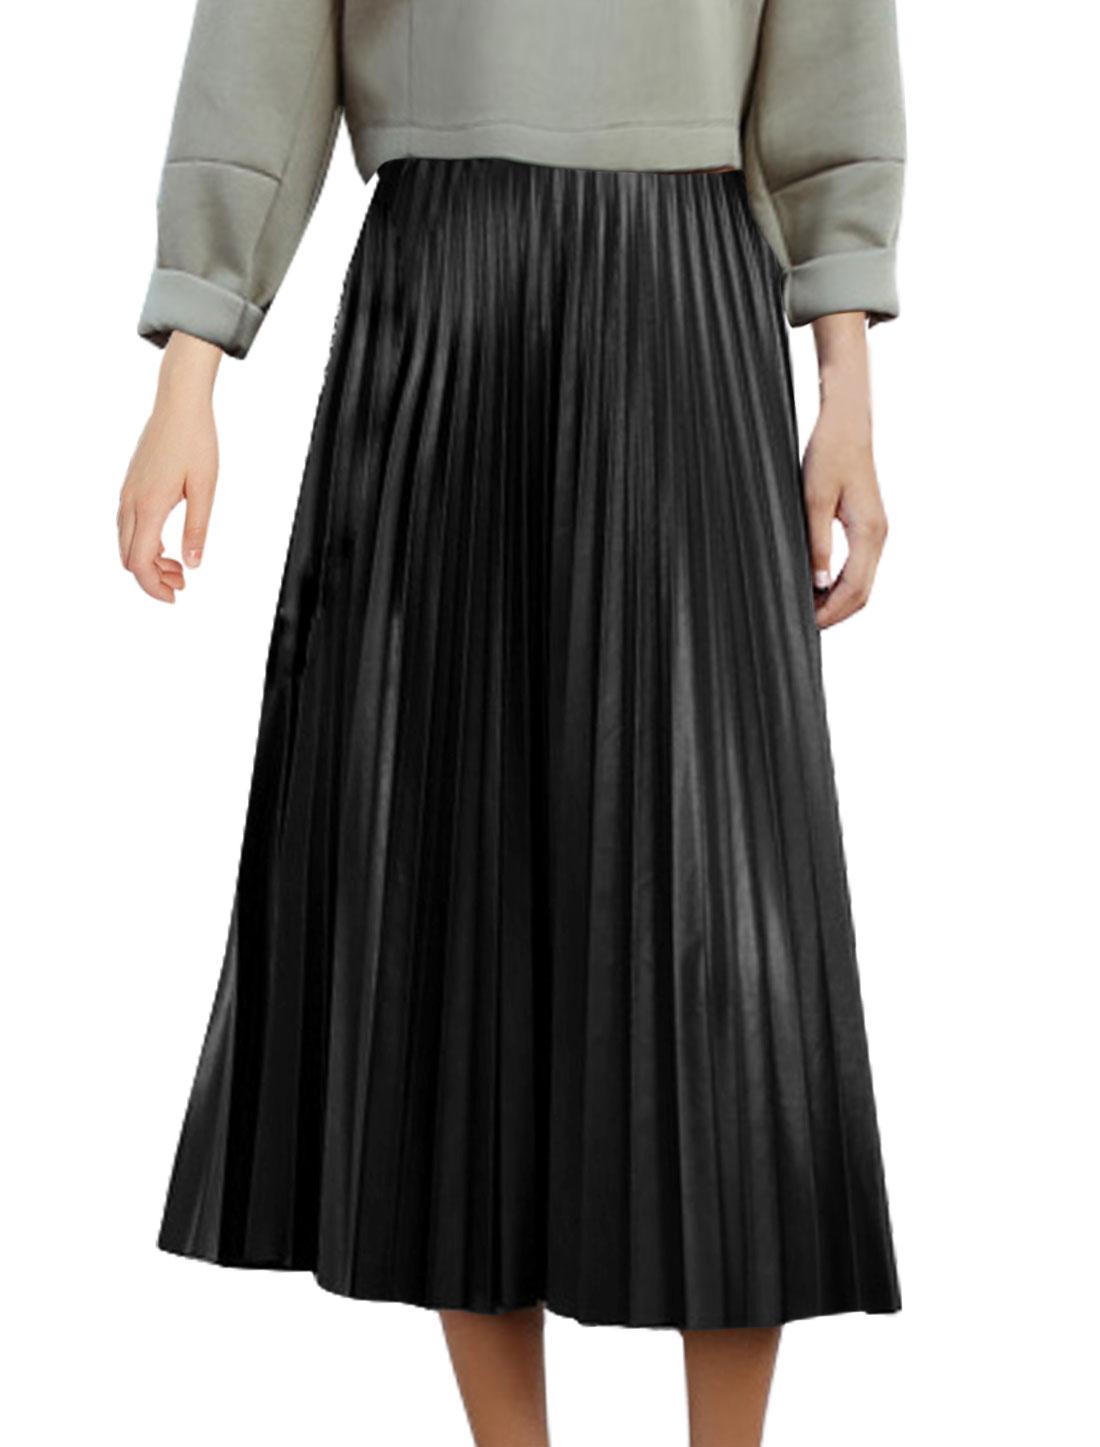 Women Vintage High Waist Pleated Mid-Calf PU Skirt Black M